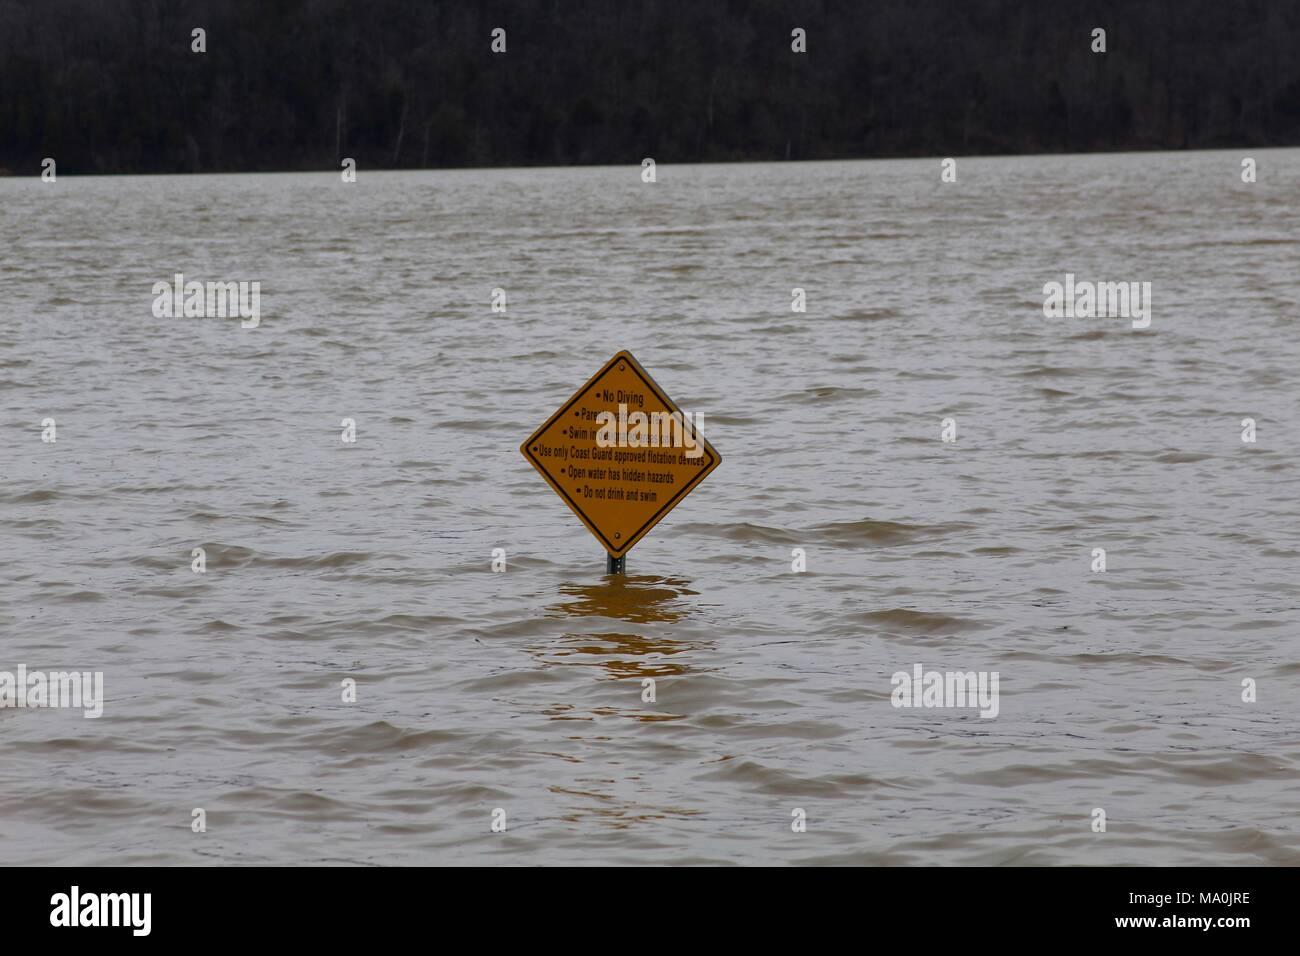 Hamilton County Stock Photos & Hamilton County Stock Images